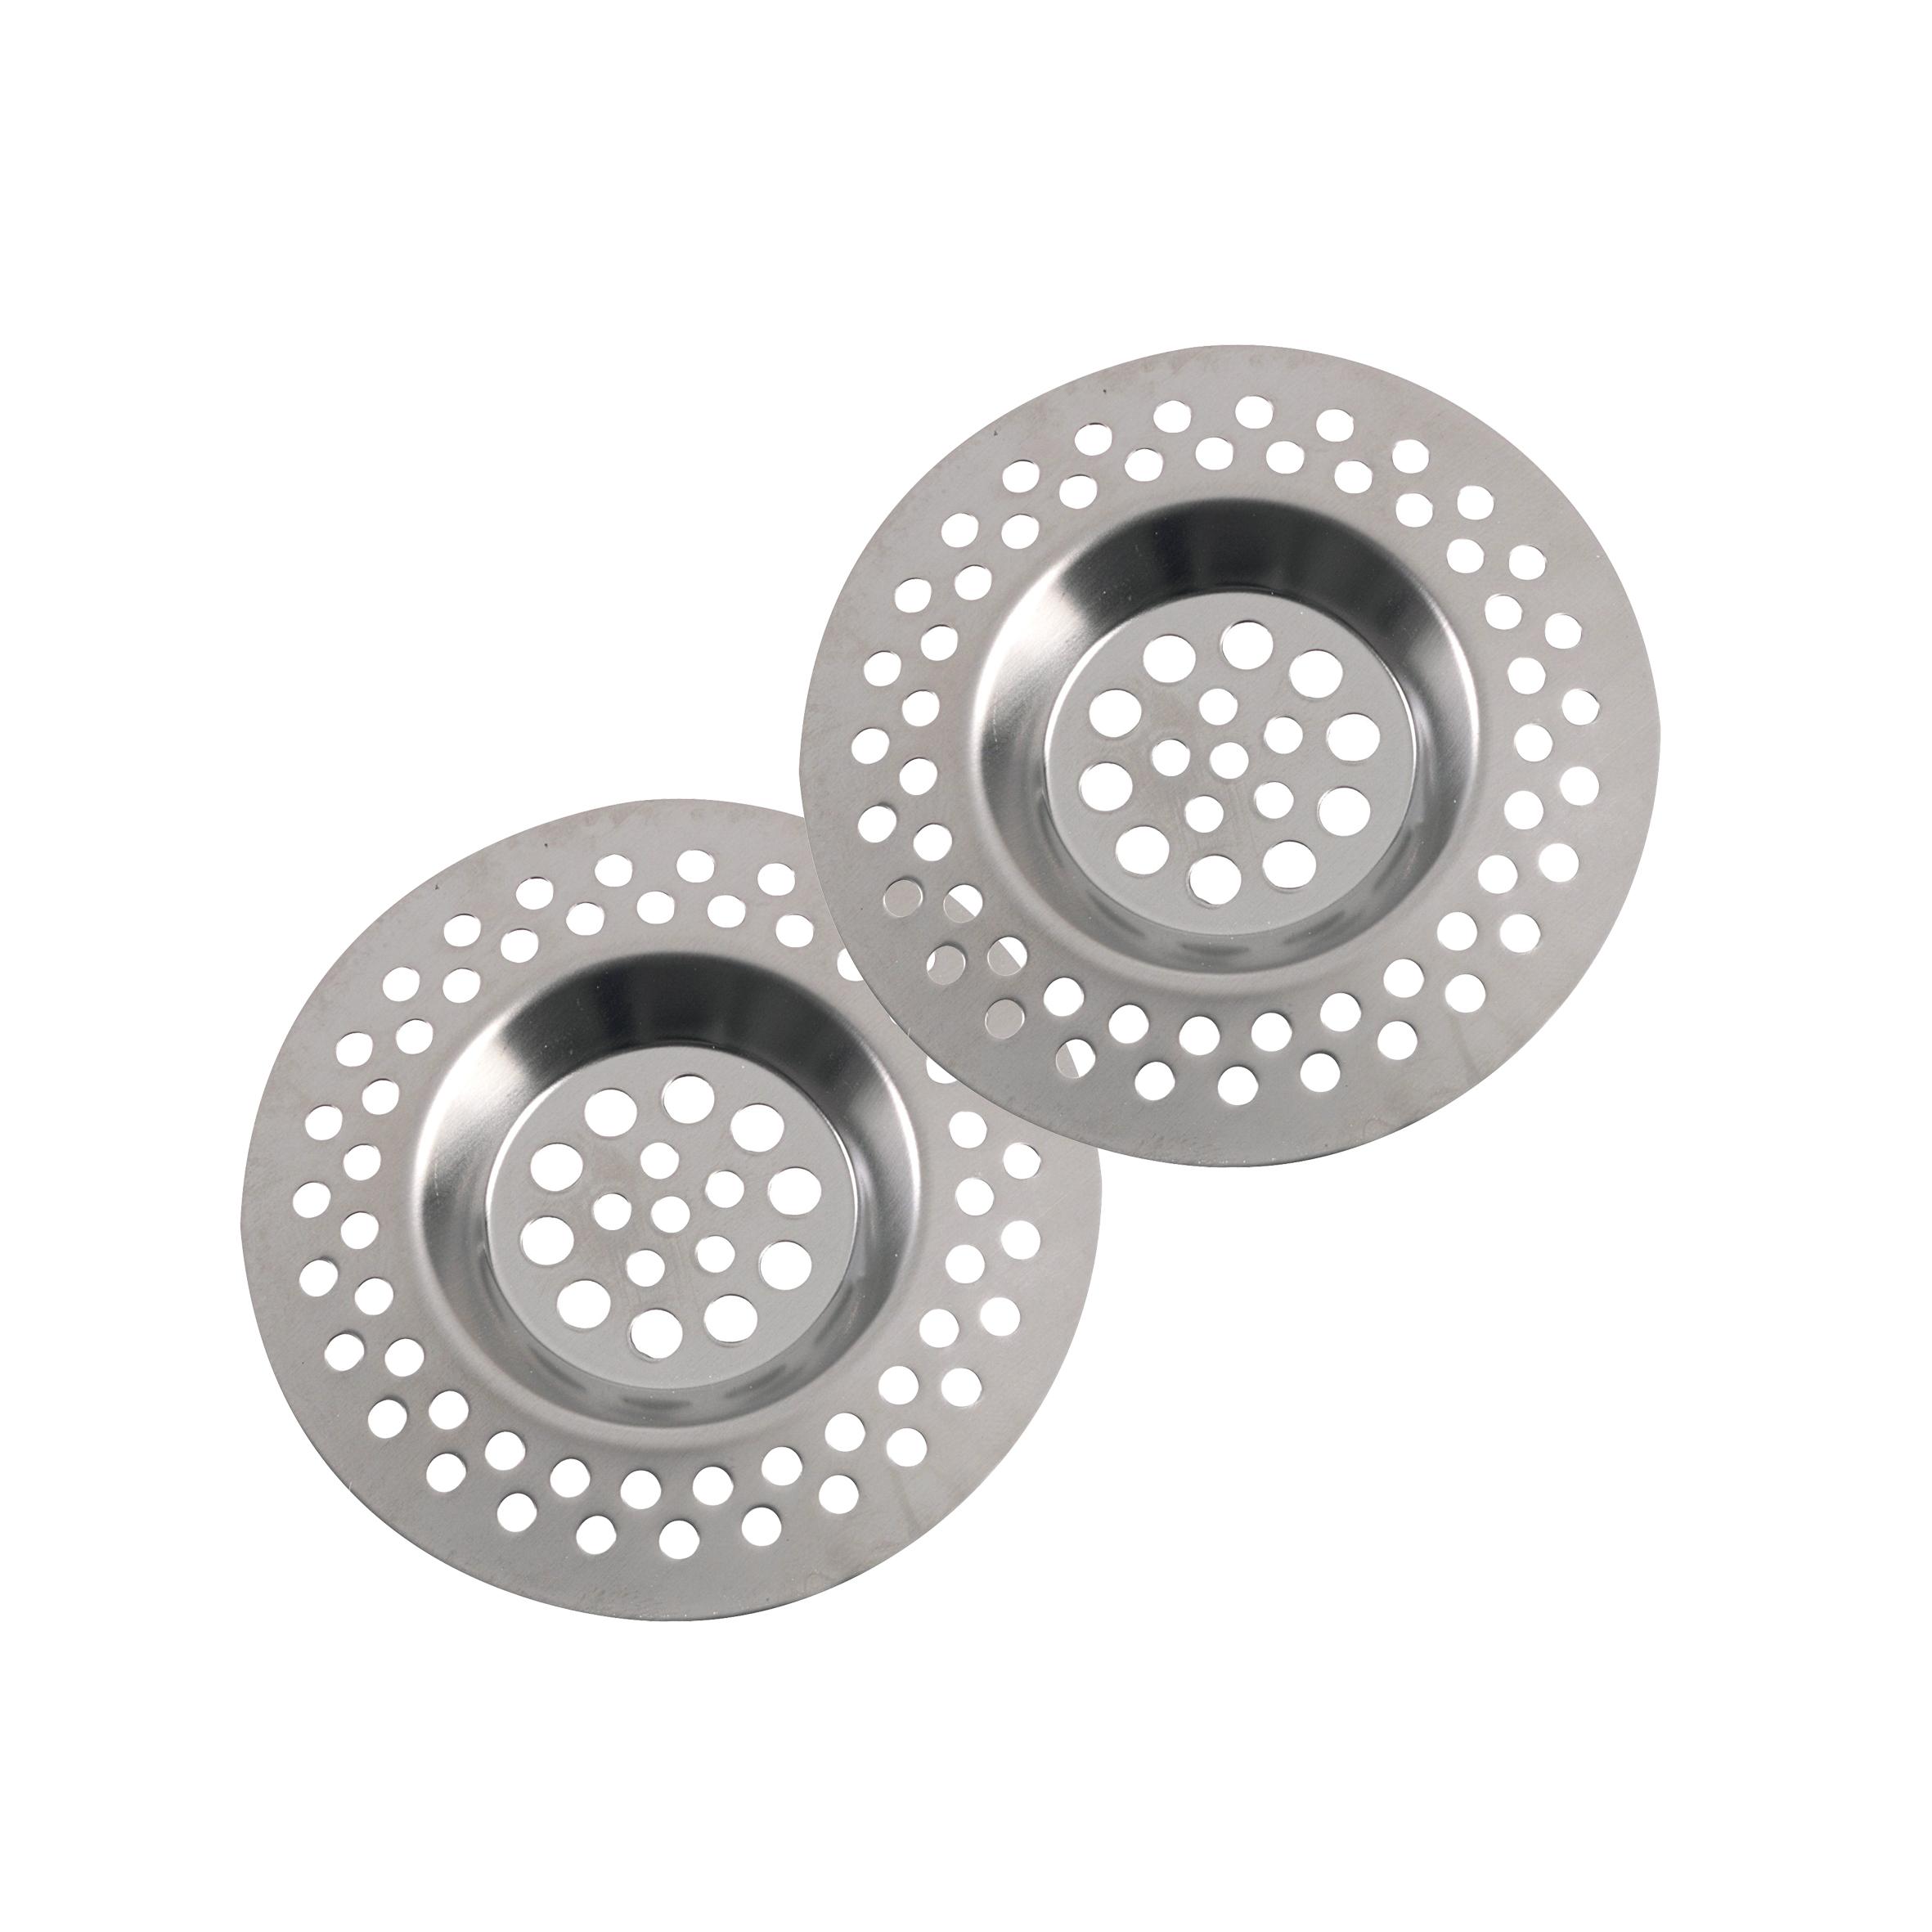 Фильтр для раковины Axentia, диаметр 7 см, 2 шт290088Набор Axentia состоит из двух фильтров для раковины. Изделия, выполненные из нержавеющей стали, используются для улавливания нечистот в раковинах и ванных, предотвращают забивание канализационных труб остатками еды. Фильтры имеют специальные углубления для раковины. Изделия помогут предотвратить засорение вашей раковины. Диаметр фильтра: 7 см.